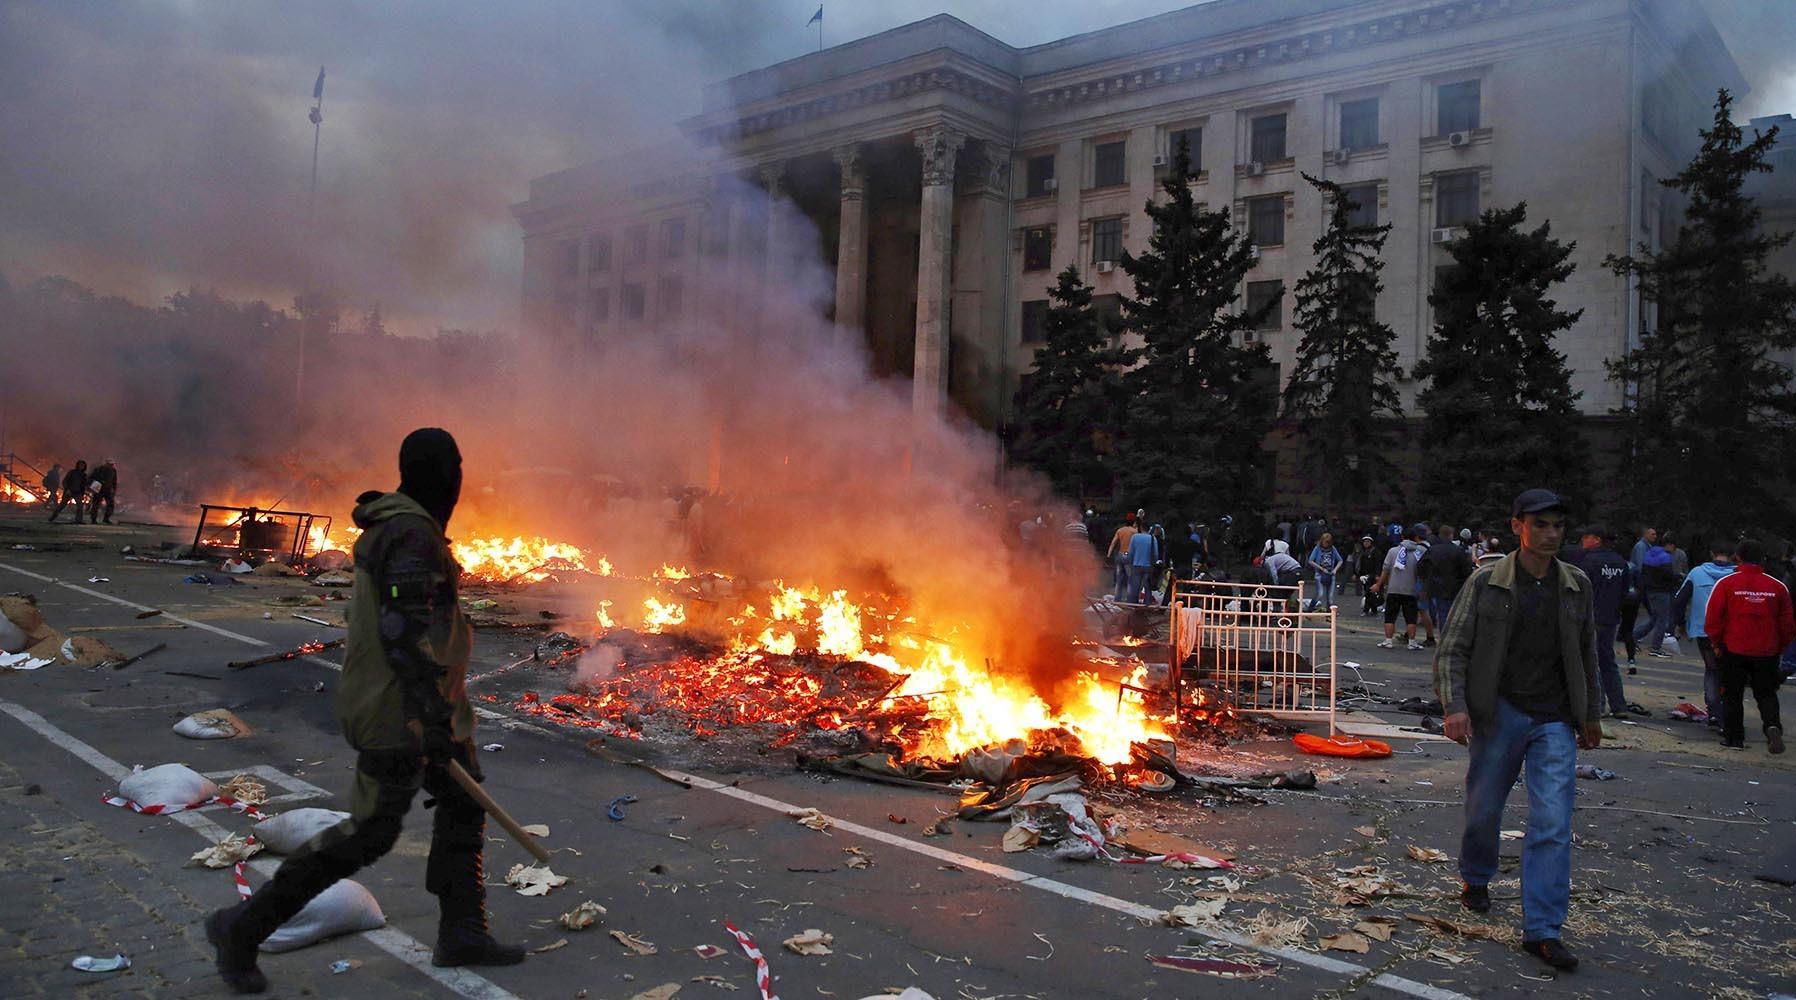 Одесса без прогресса: в ООН заявили о стагнации расследования трагедии в Доме профсоюзов